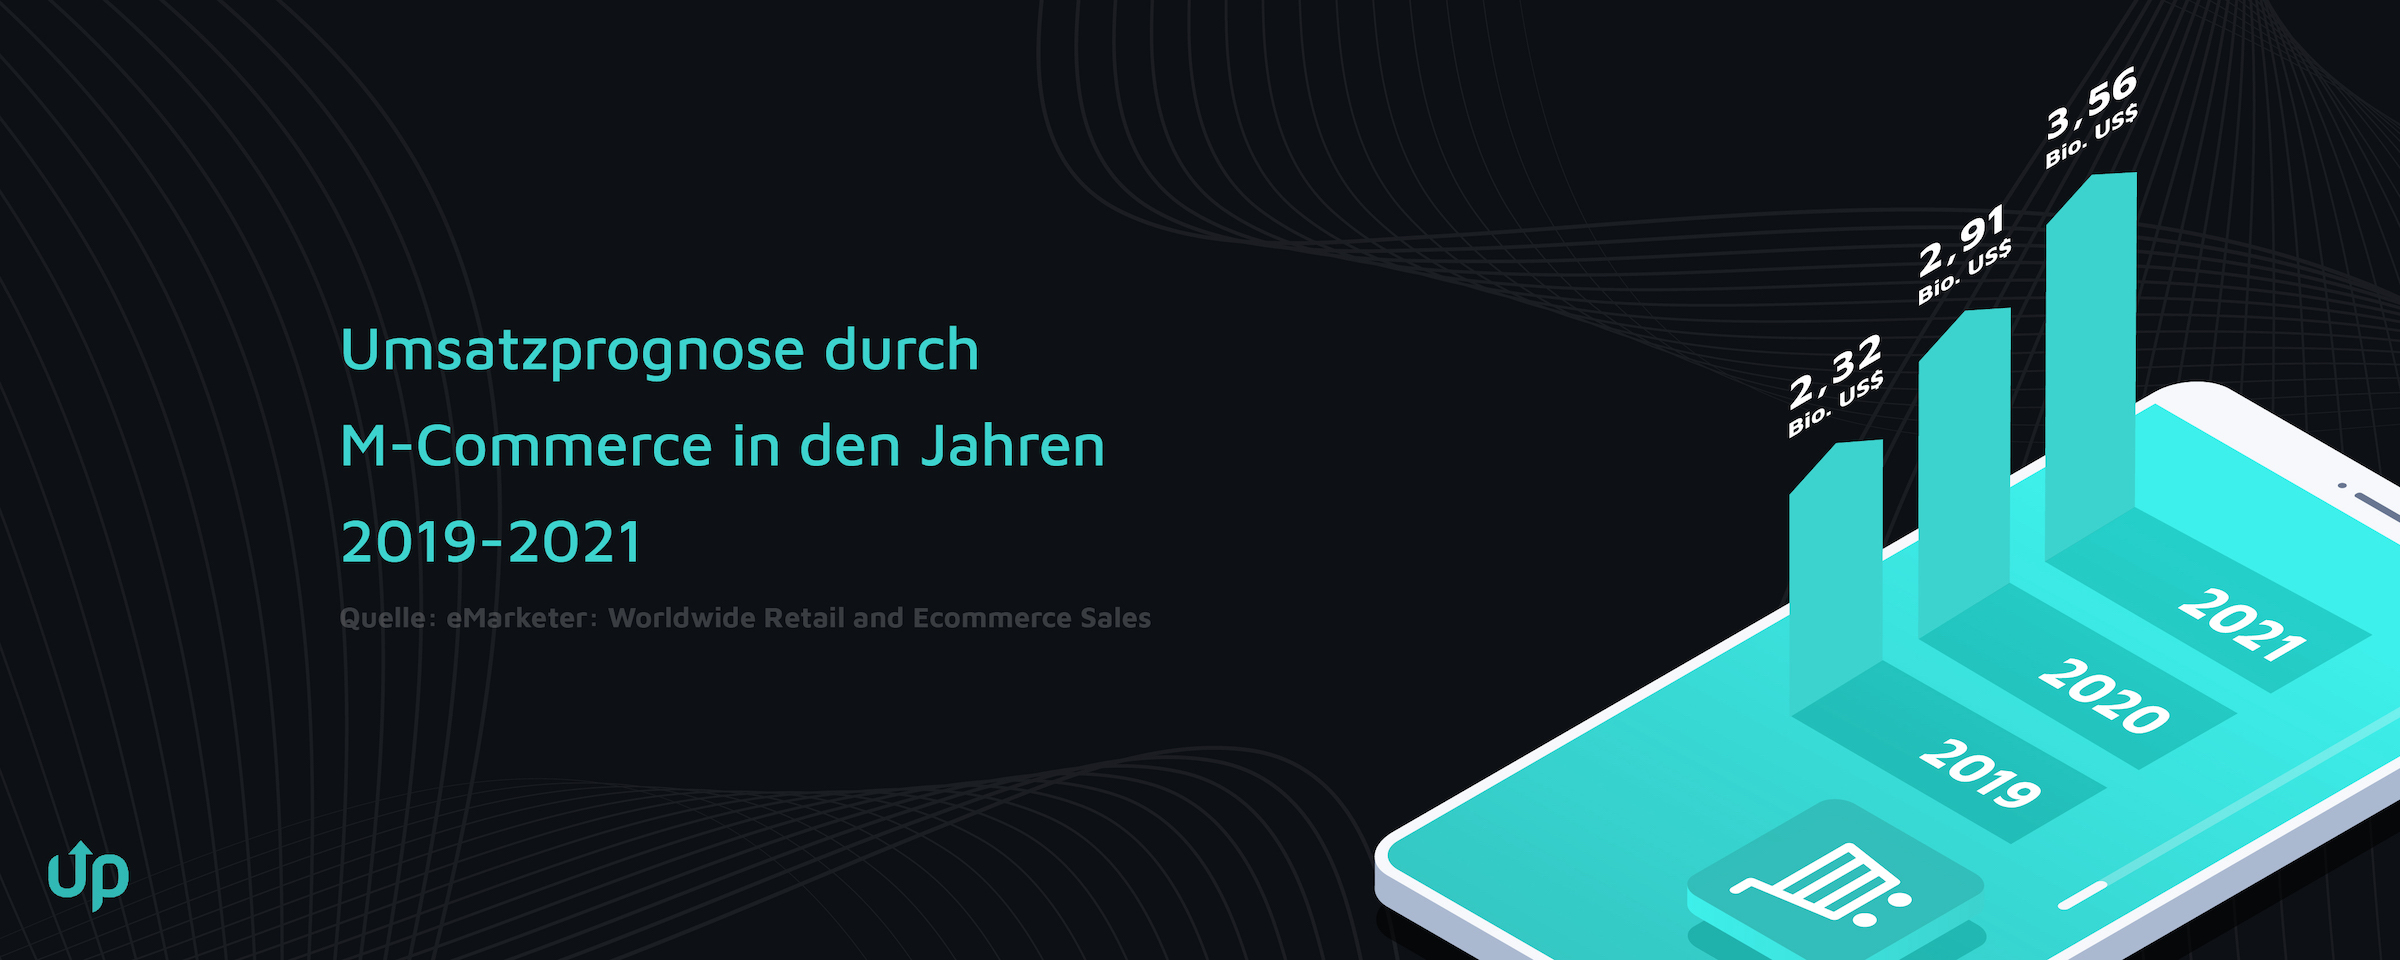 Mobile-Commerce-Von-der-Umsatzverschiebung-profitieren_Mobileshopping-2020-1